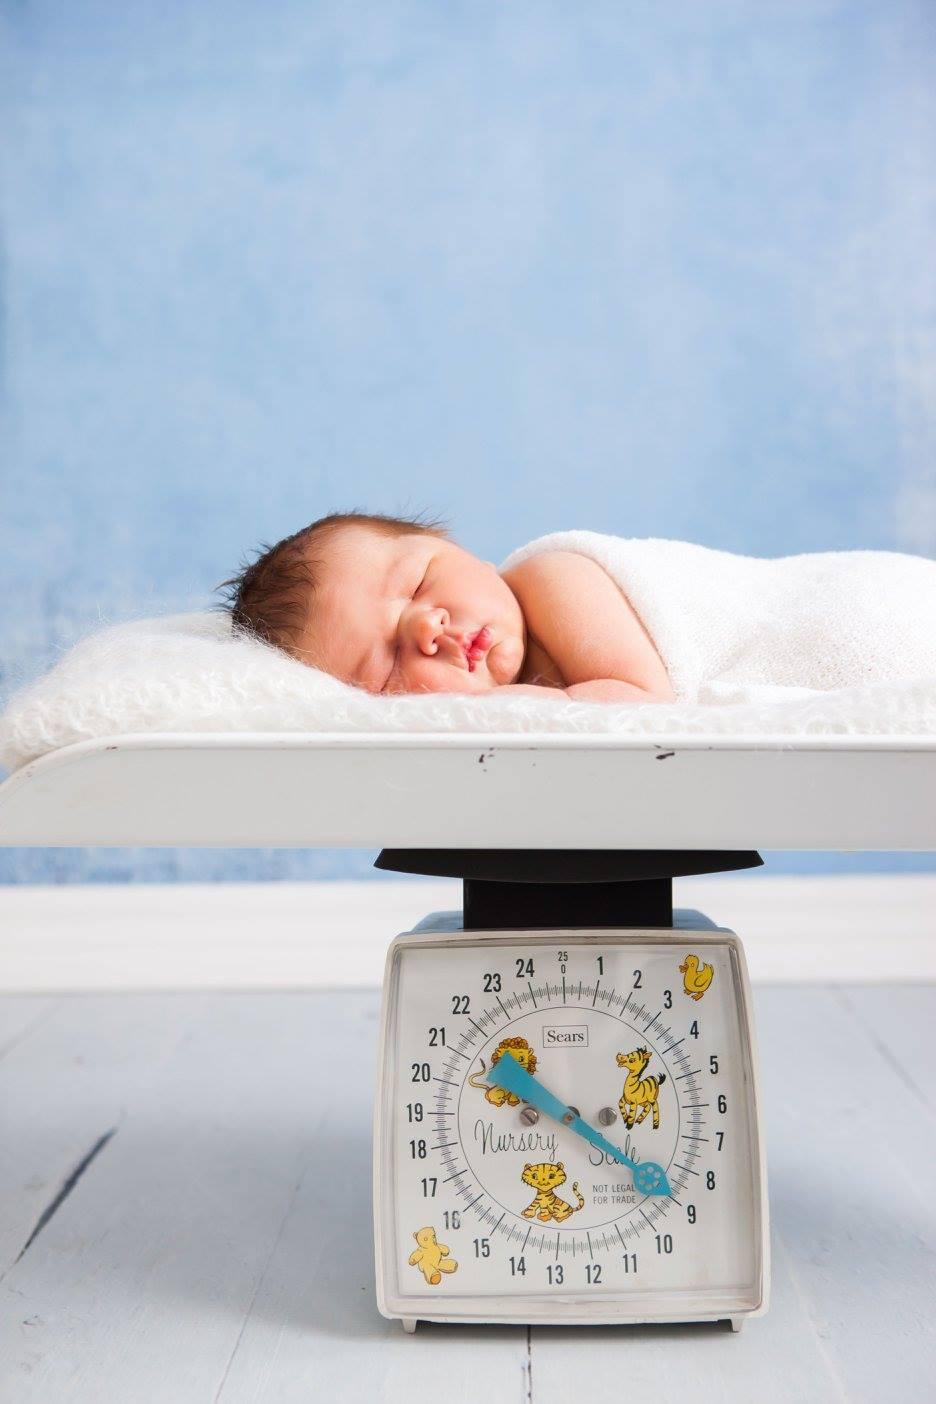 Ангелочек на весах счастья. Спокойной ночи! Кто спит слаще всего?